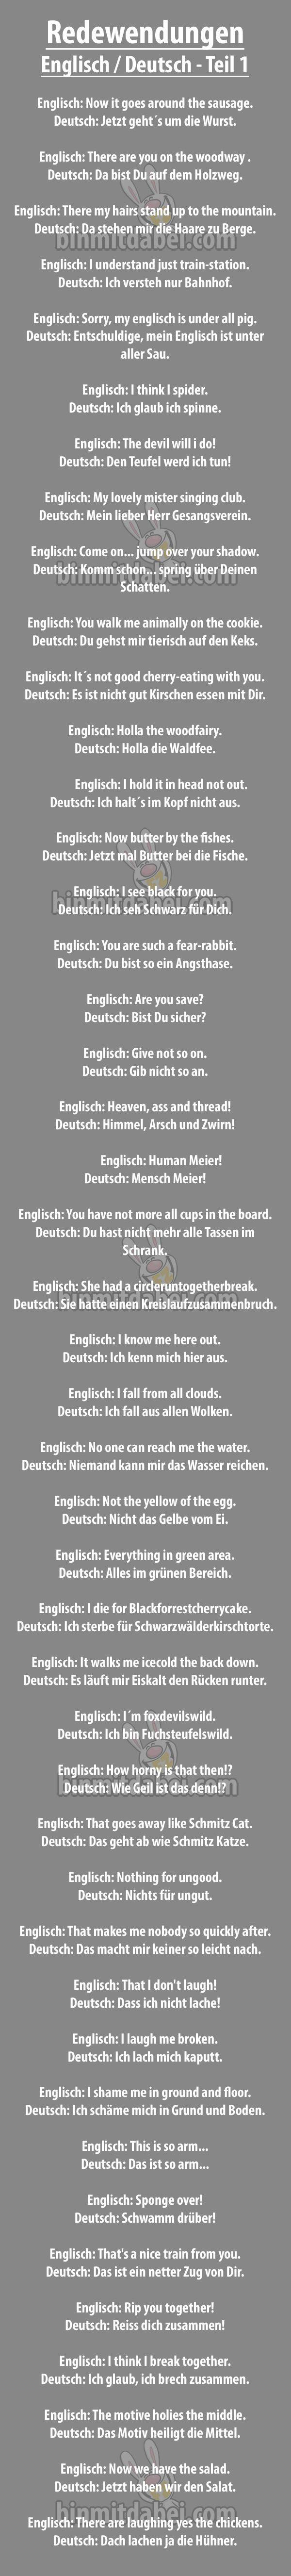 Ubersetzung Deutscher Sprichworter Ins Englische